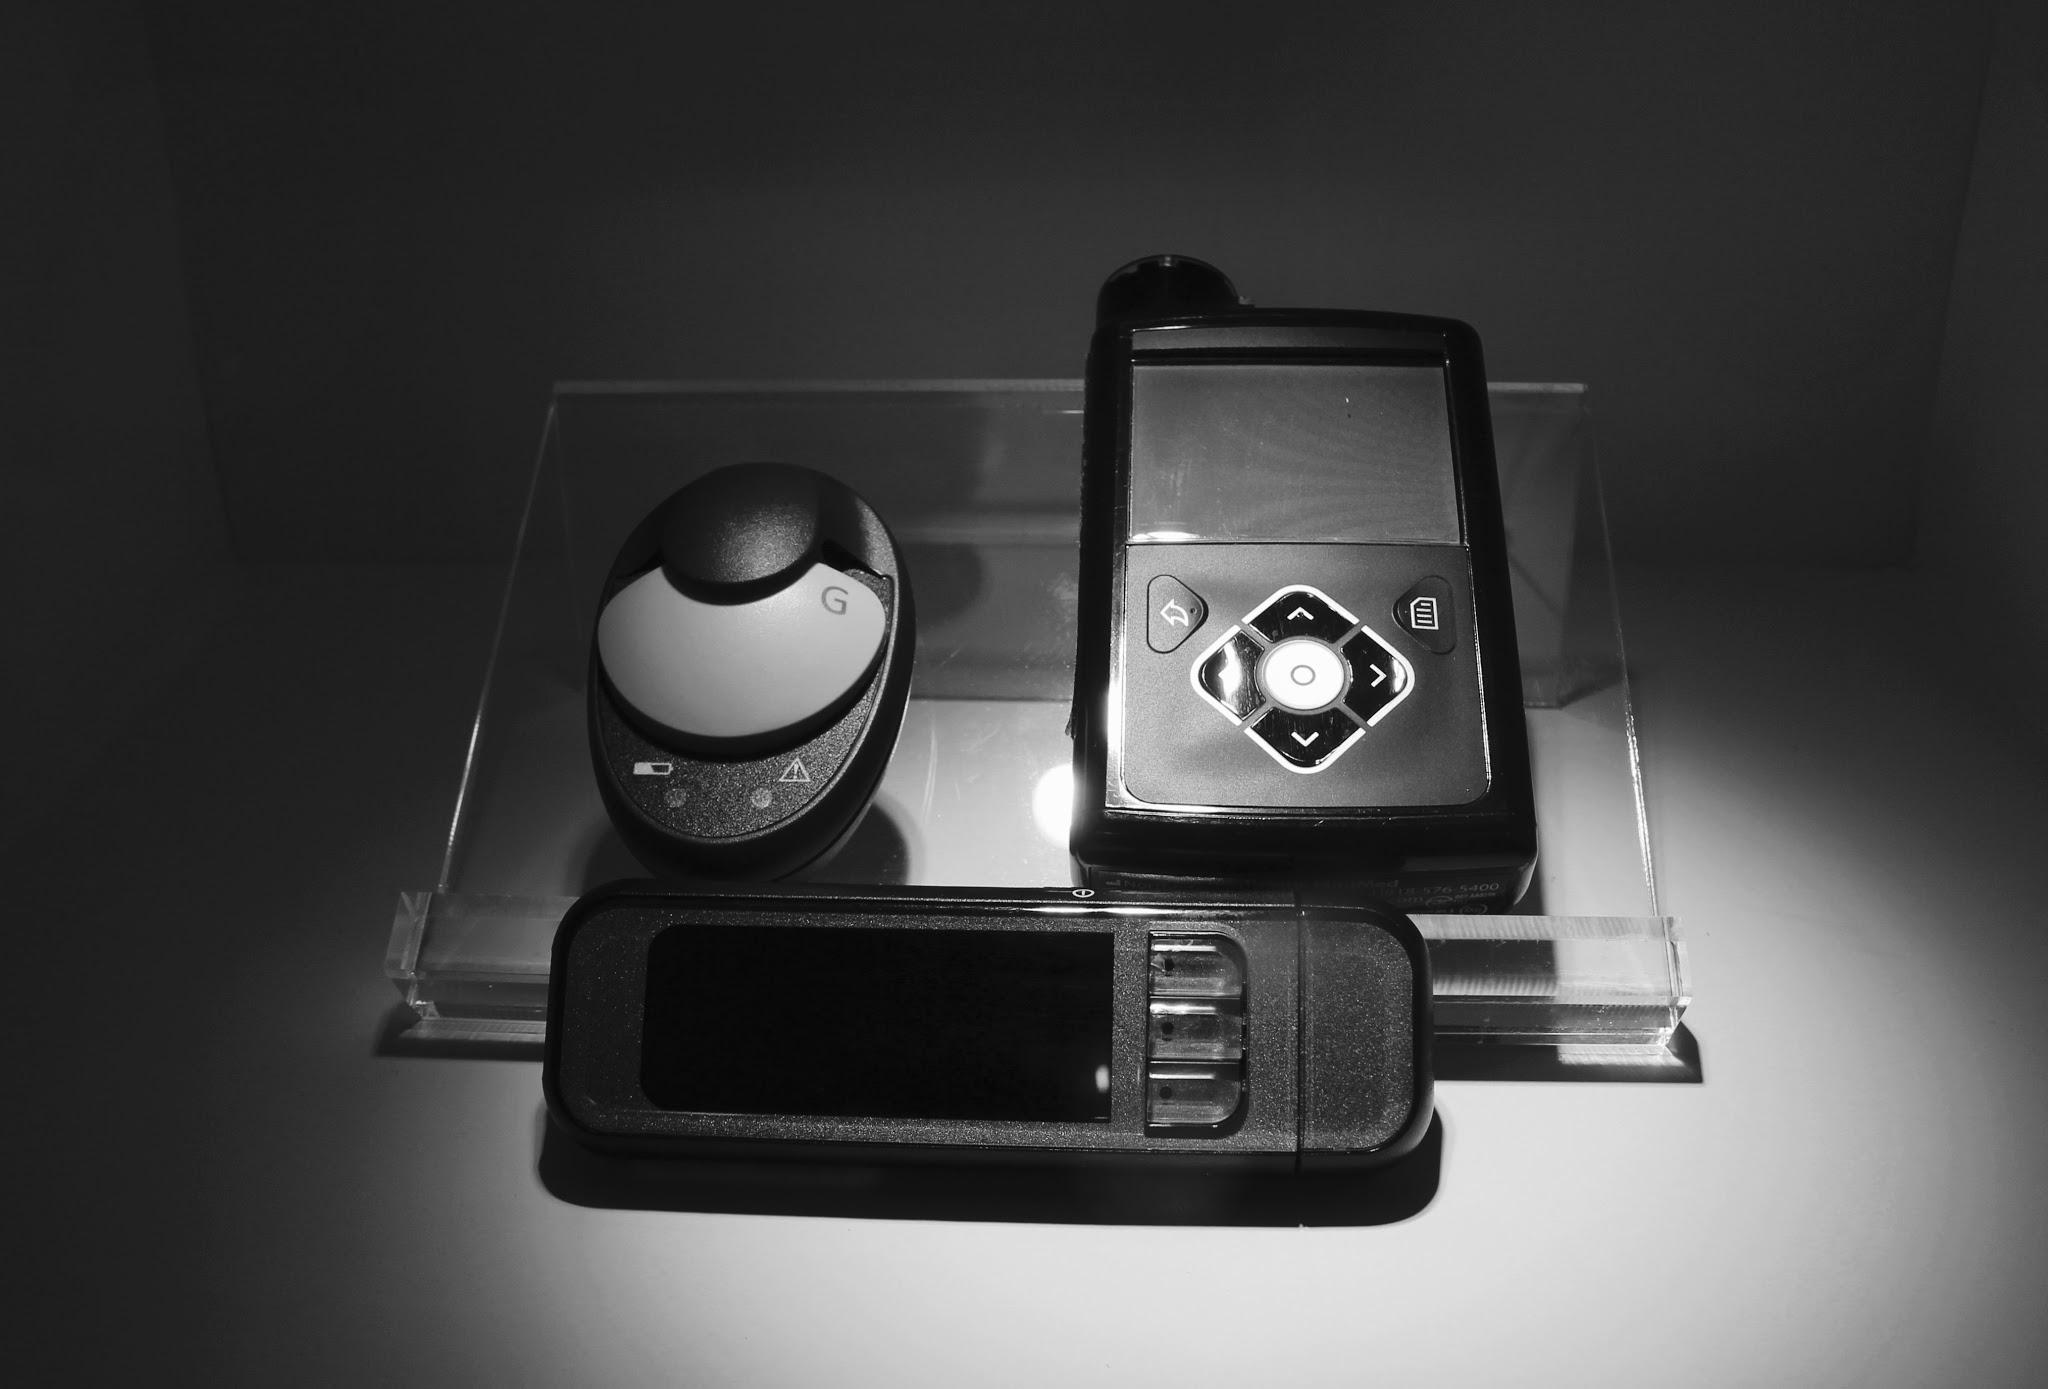 糖尿病学の進歩2018レポート③ 〜インスリンポンプと無線通信できる血糖測定器 コントアネクスト Link2.4〜